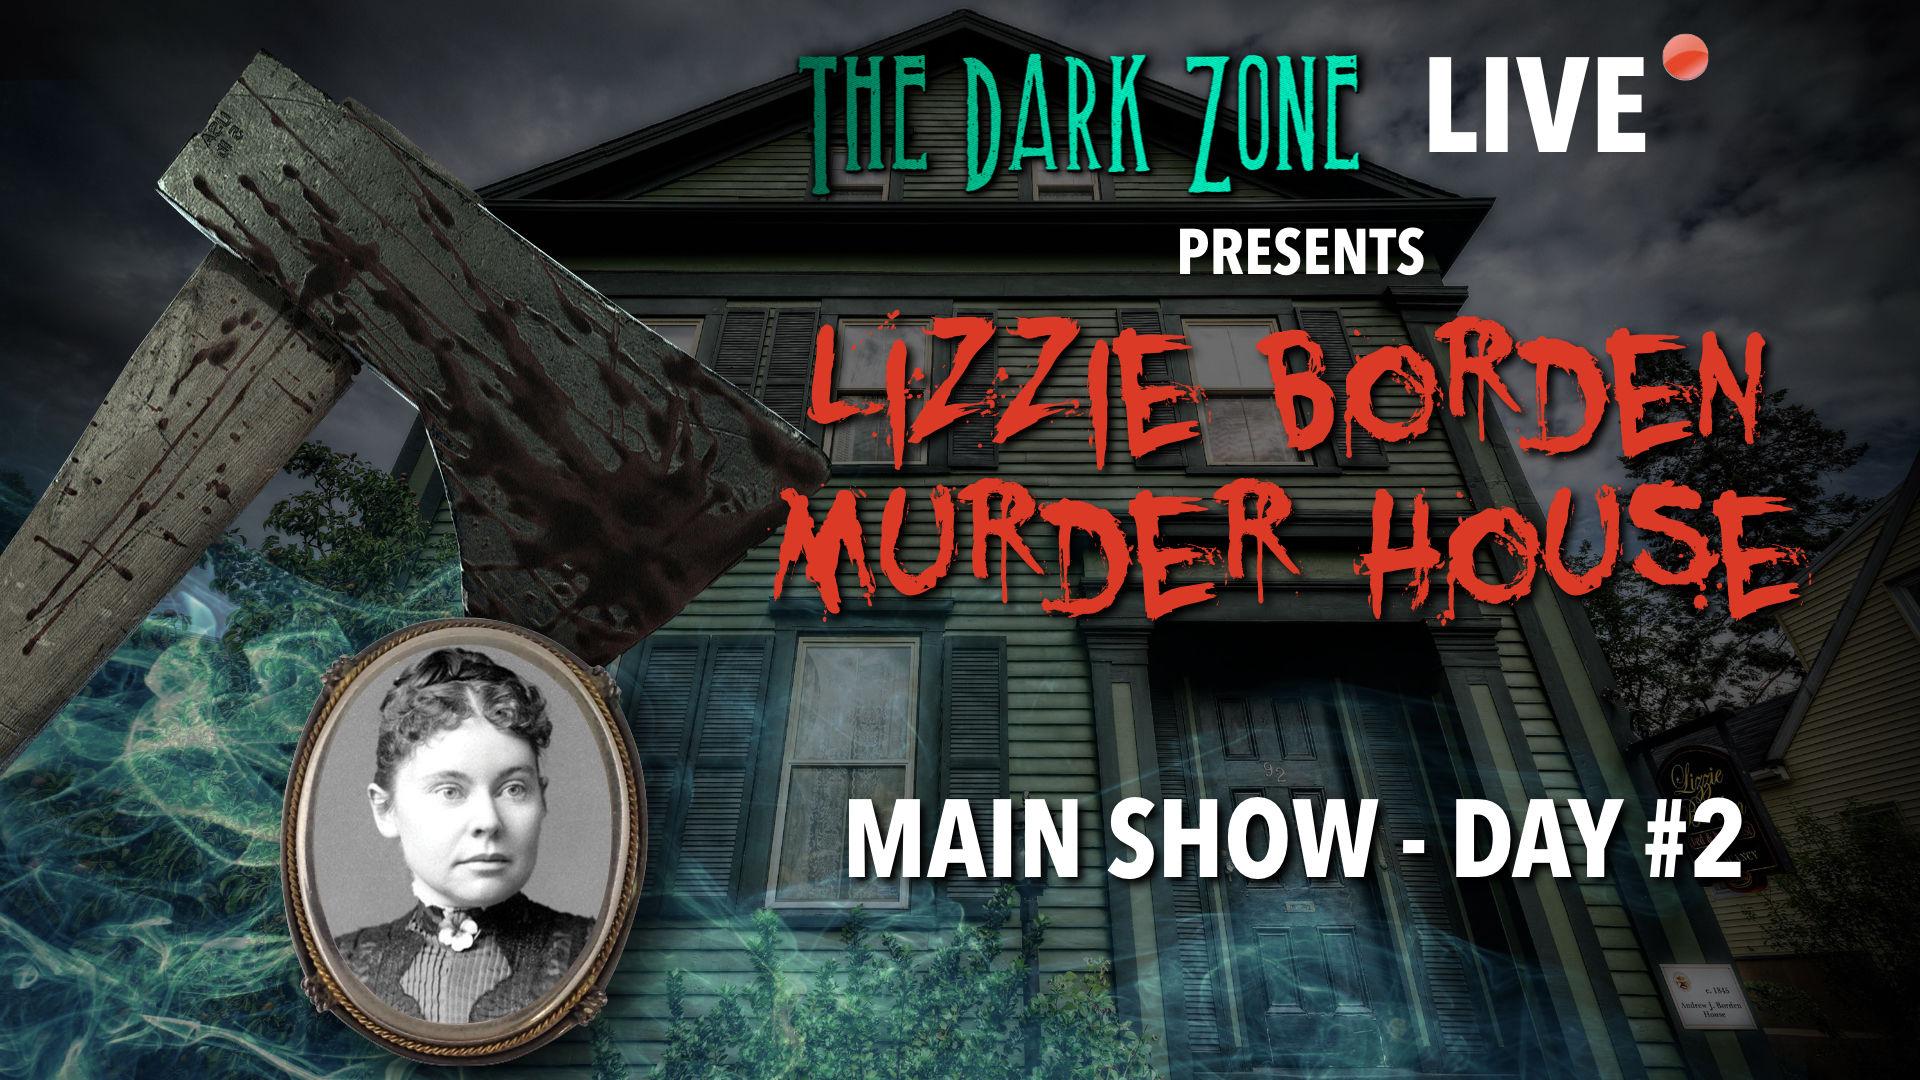 Lizzie Borden Murder House - Main Show - DAY 2